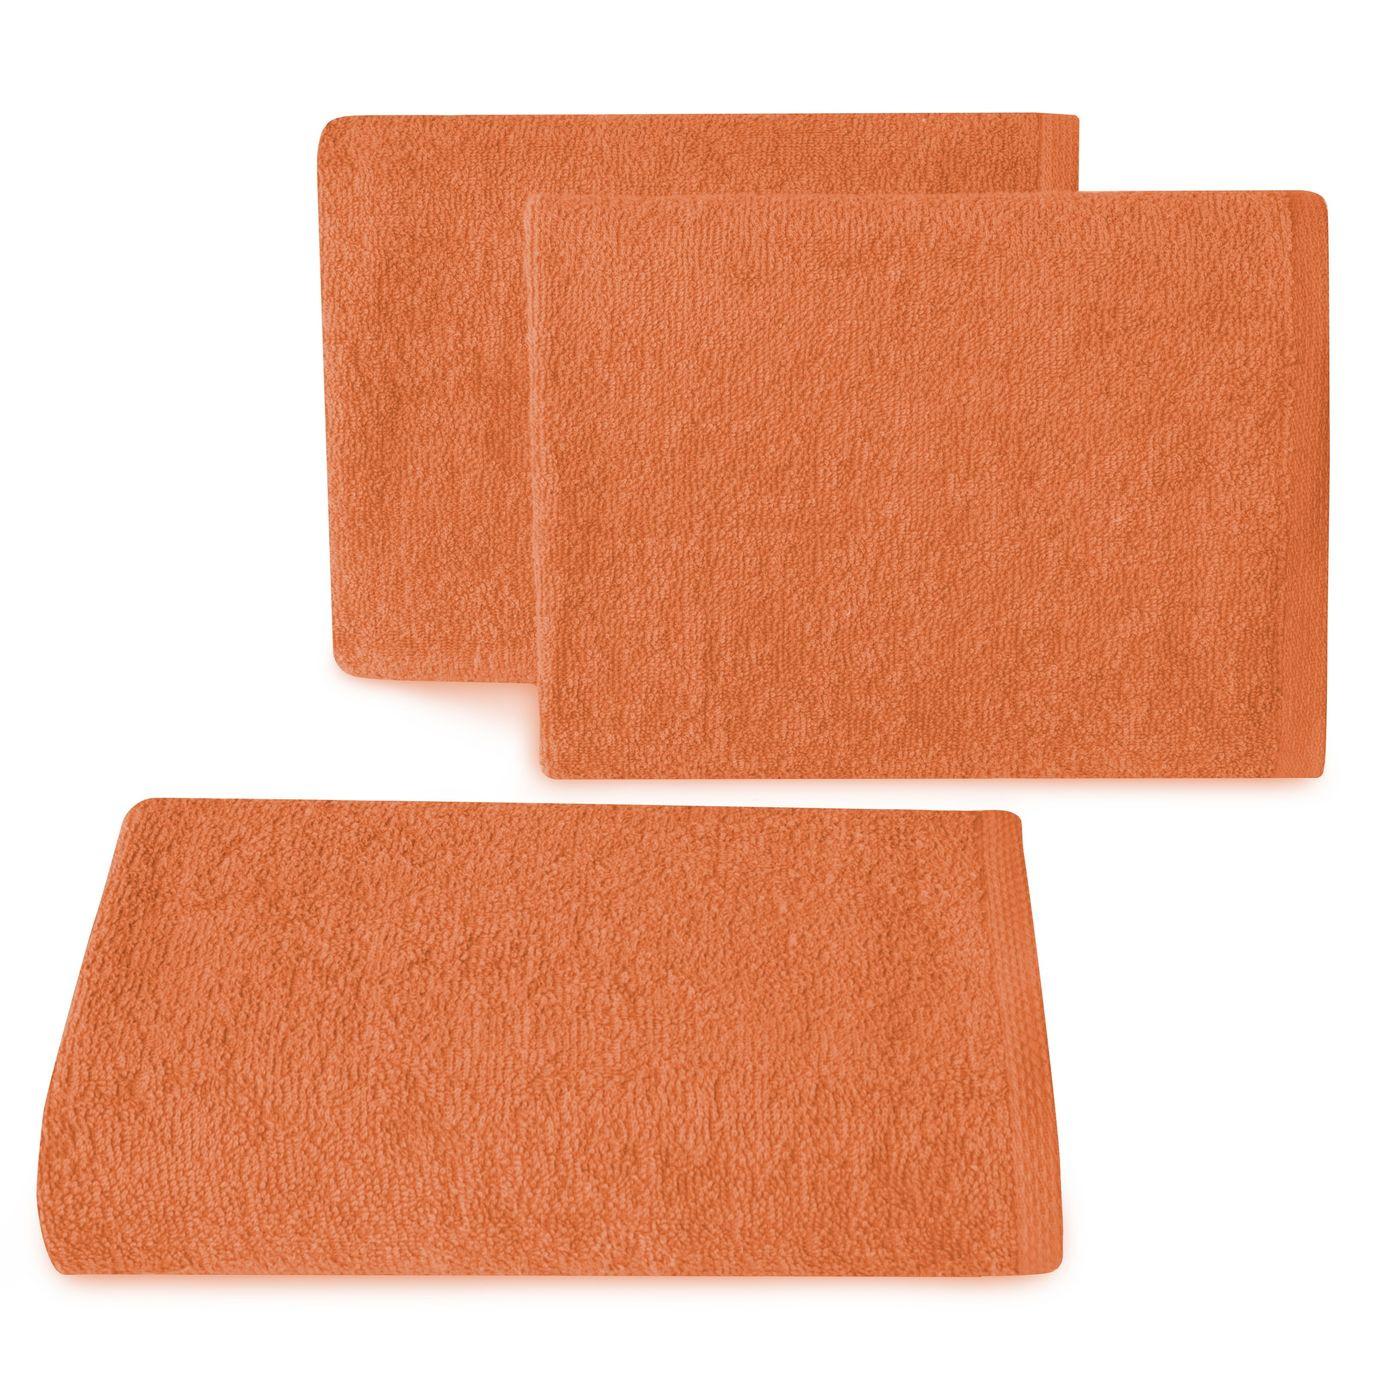 Ręcznik z bawełny gładki pomarańczowy 50x90cm